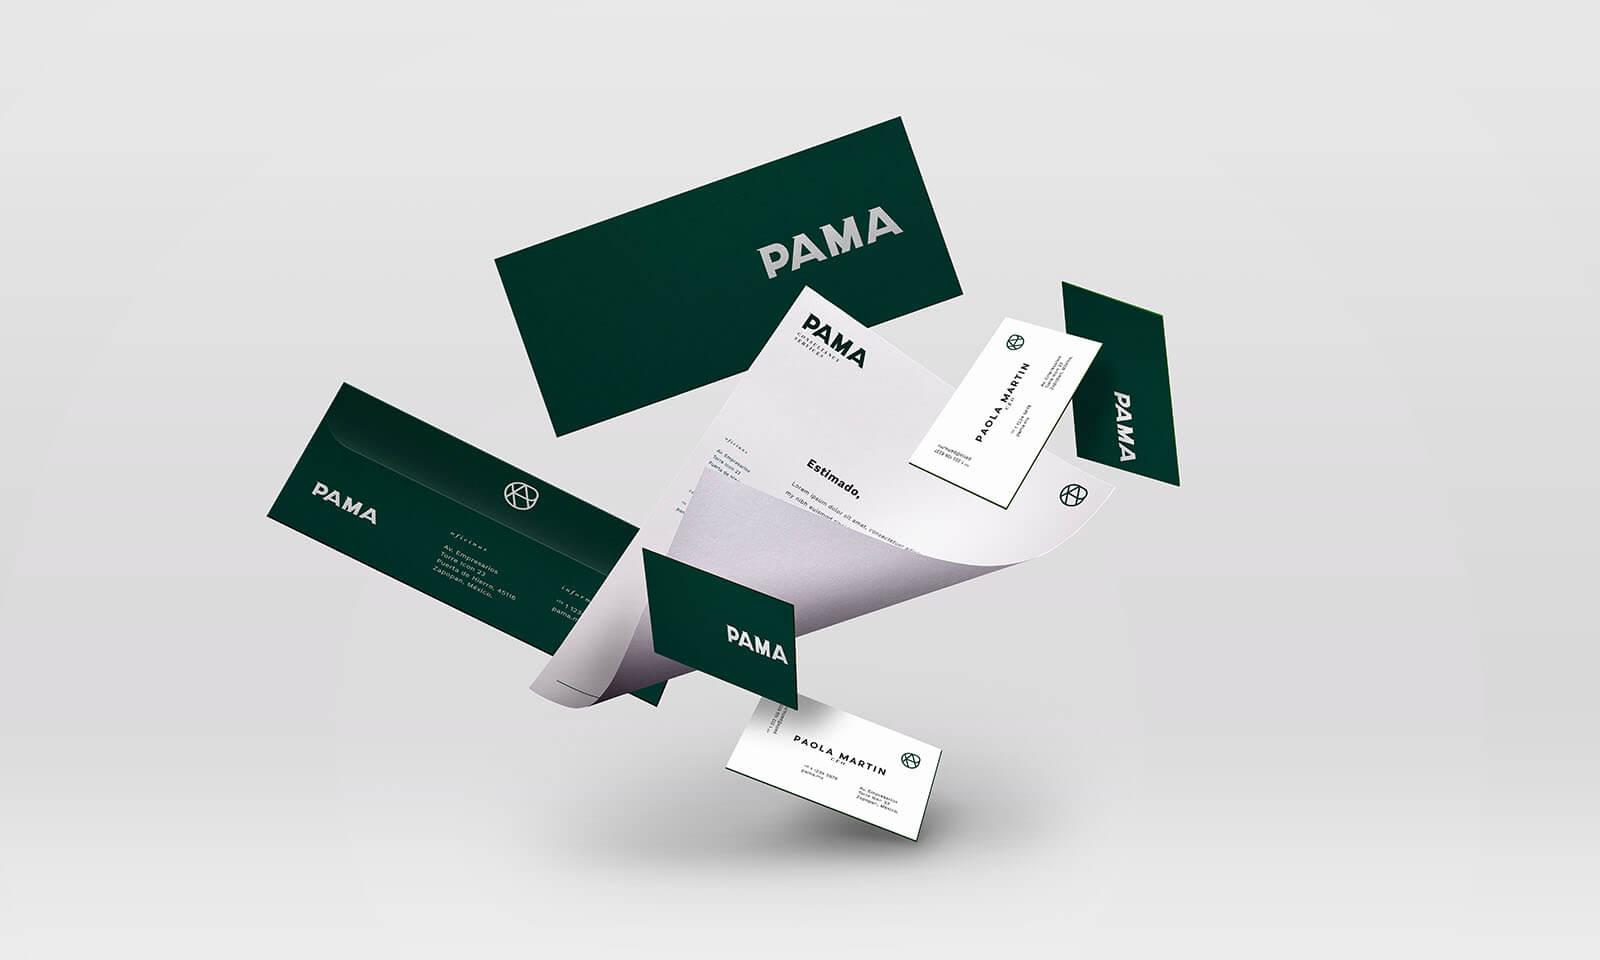 PAMA Consulting // Branding